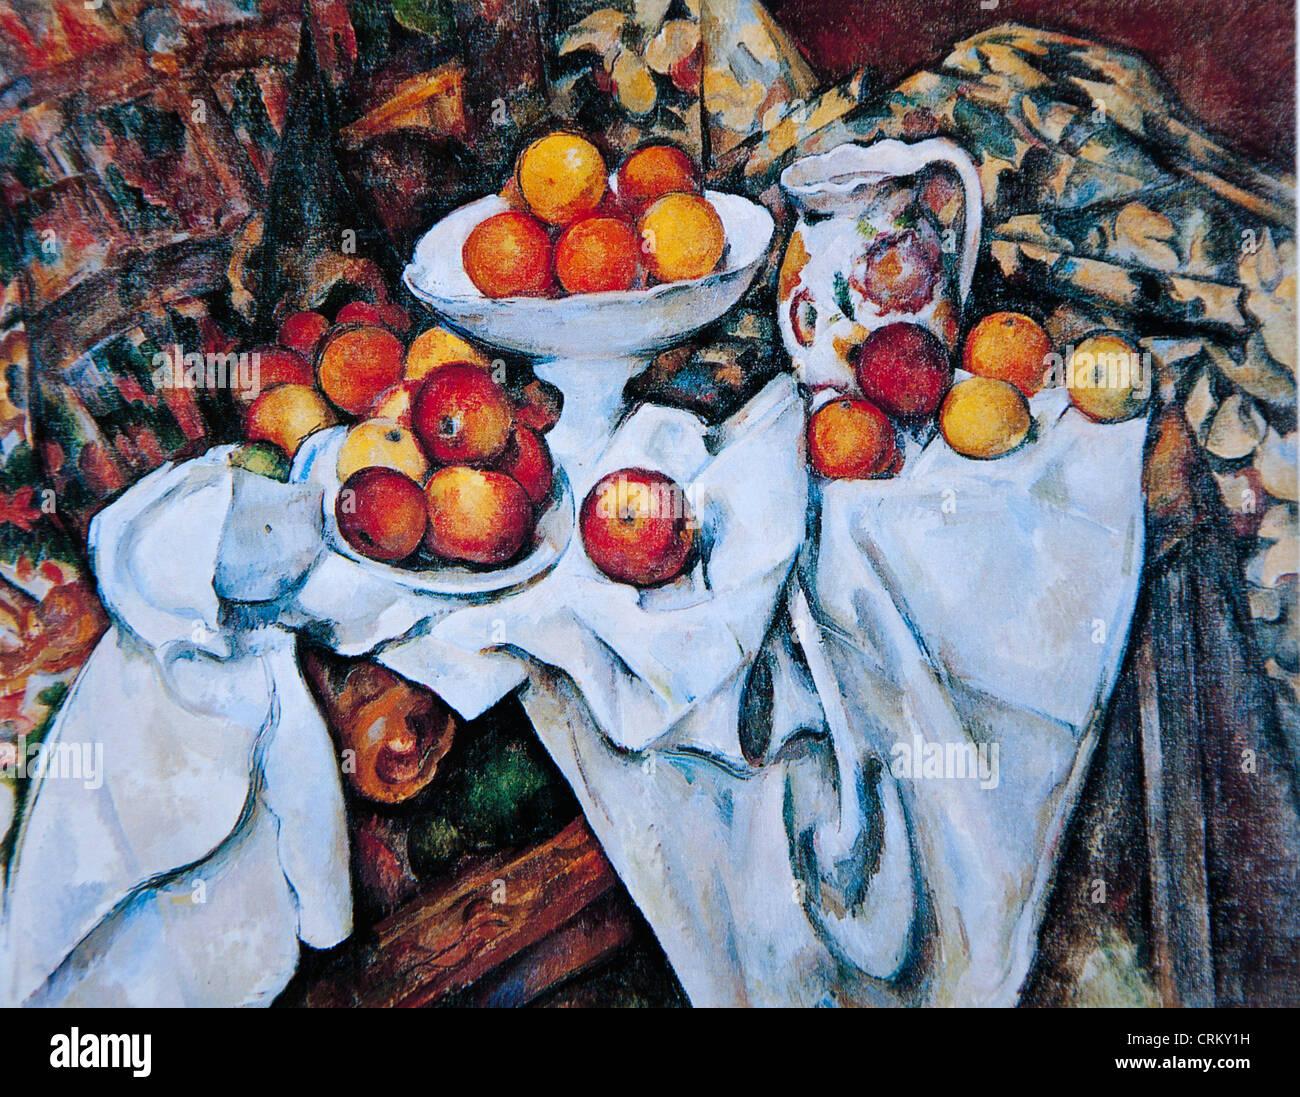 Paul Cezanne - Bodegón con manzanas y naranjas Imagen De Stock